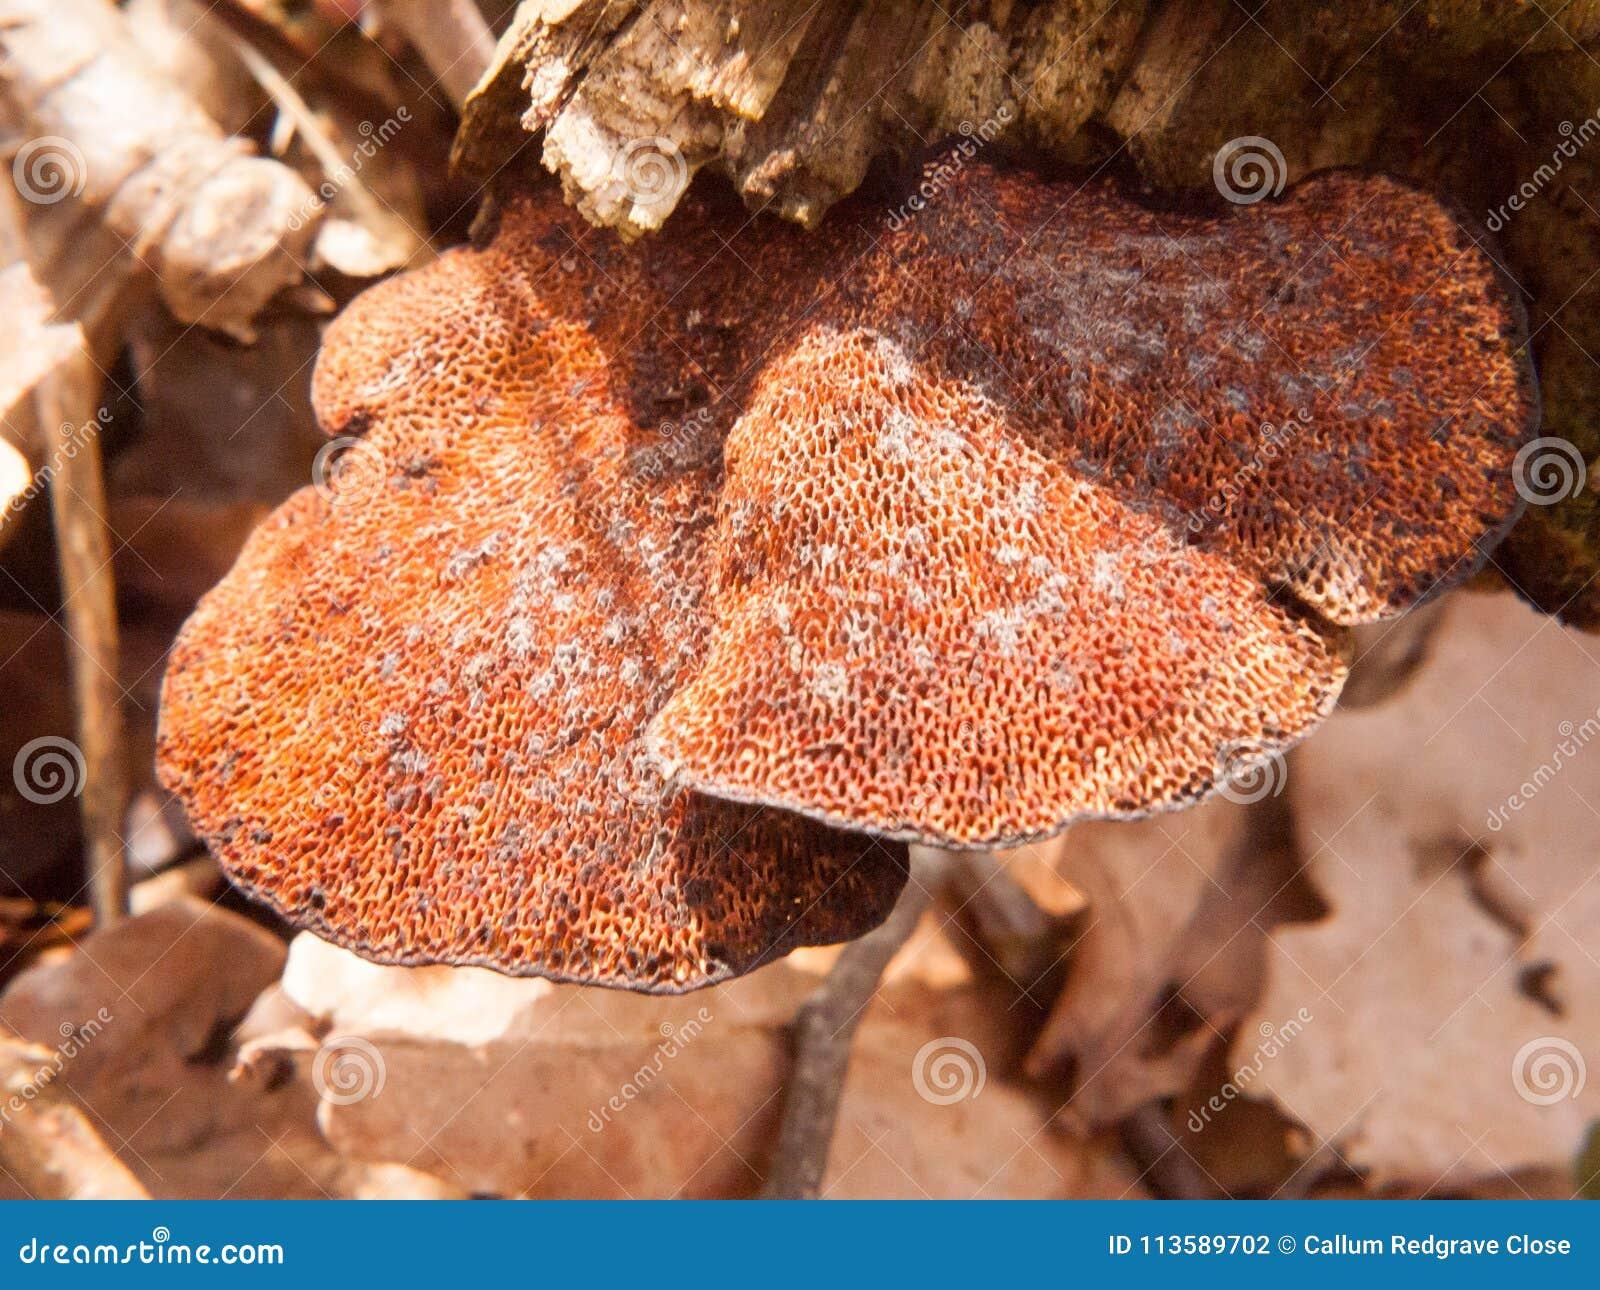 Feche acima do lado de baixo do detalhe do macro do coto de árvore do cogumelo do suporte do polypore